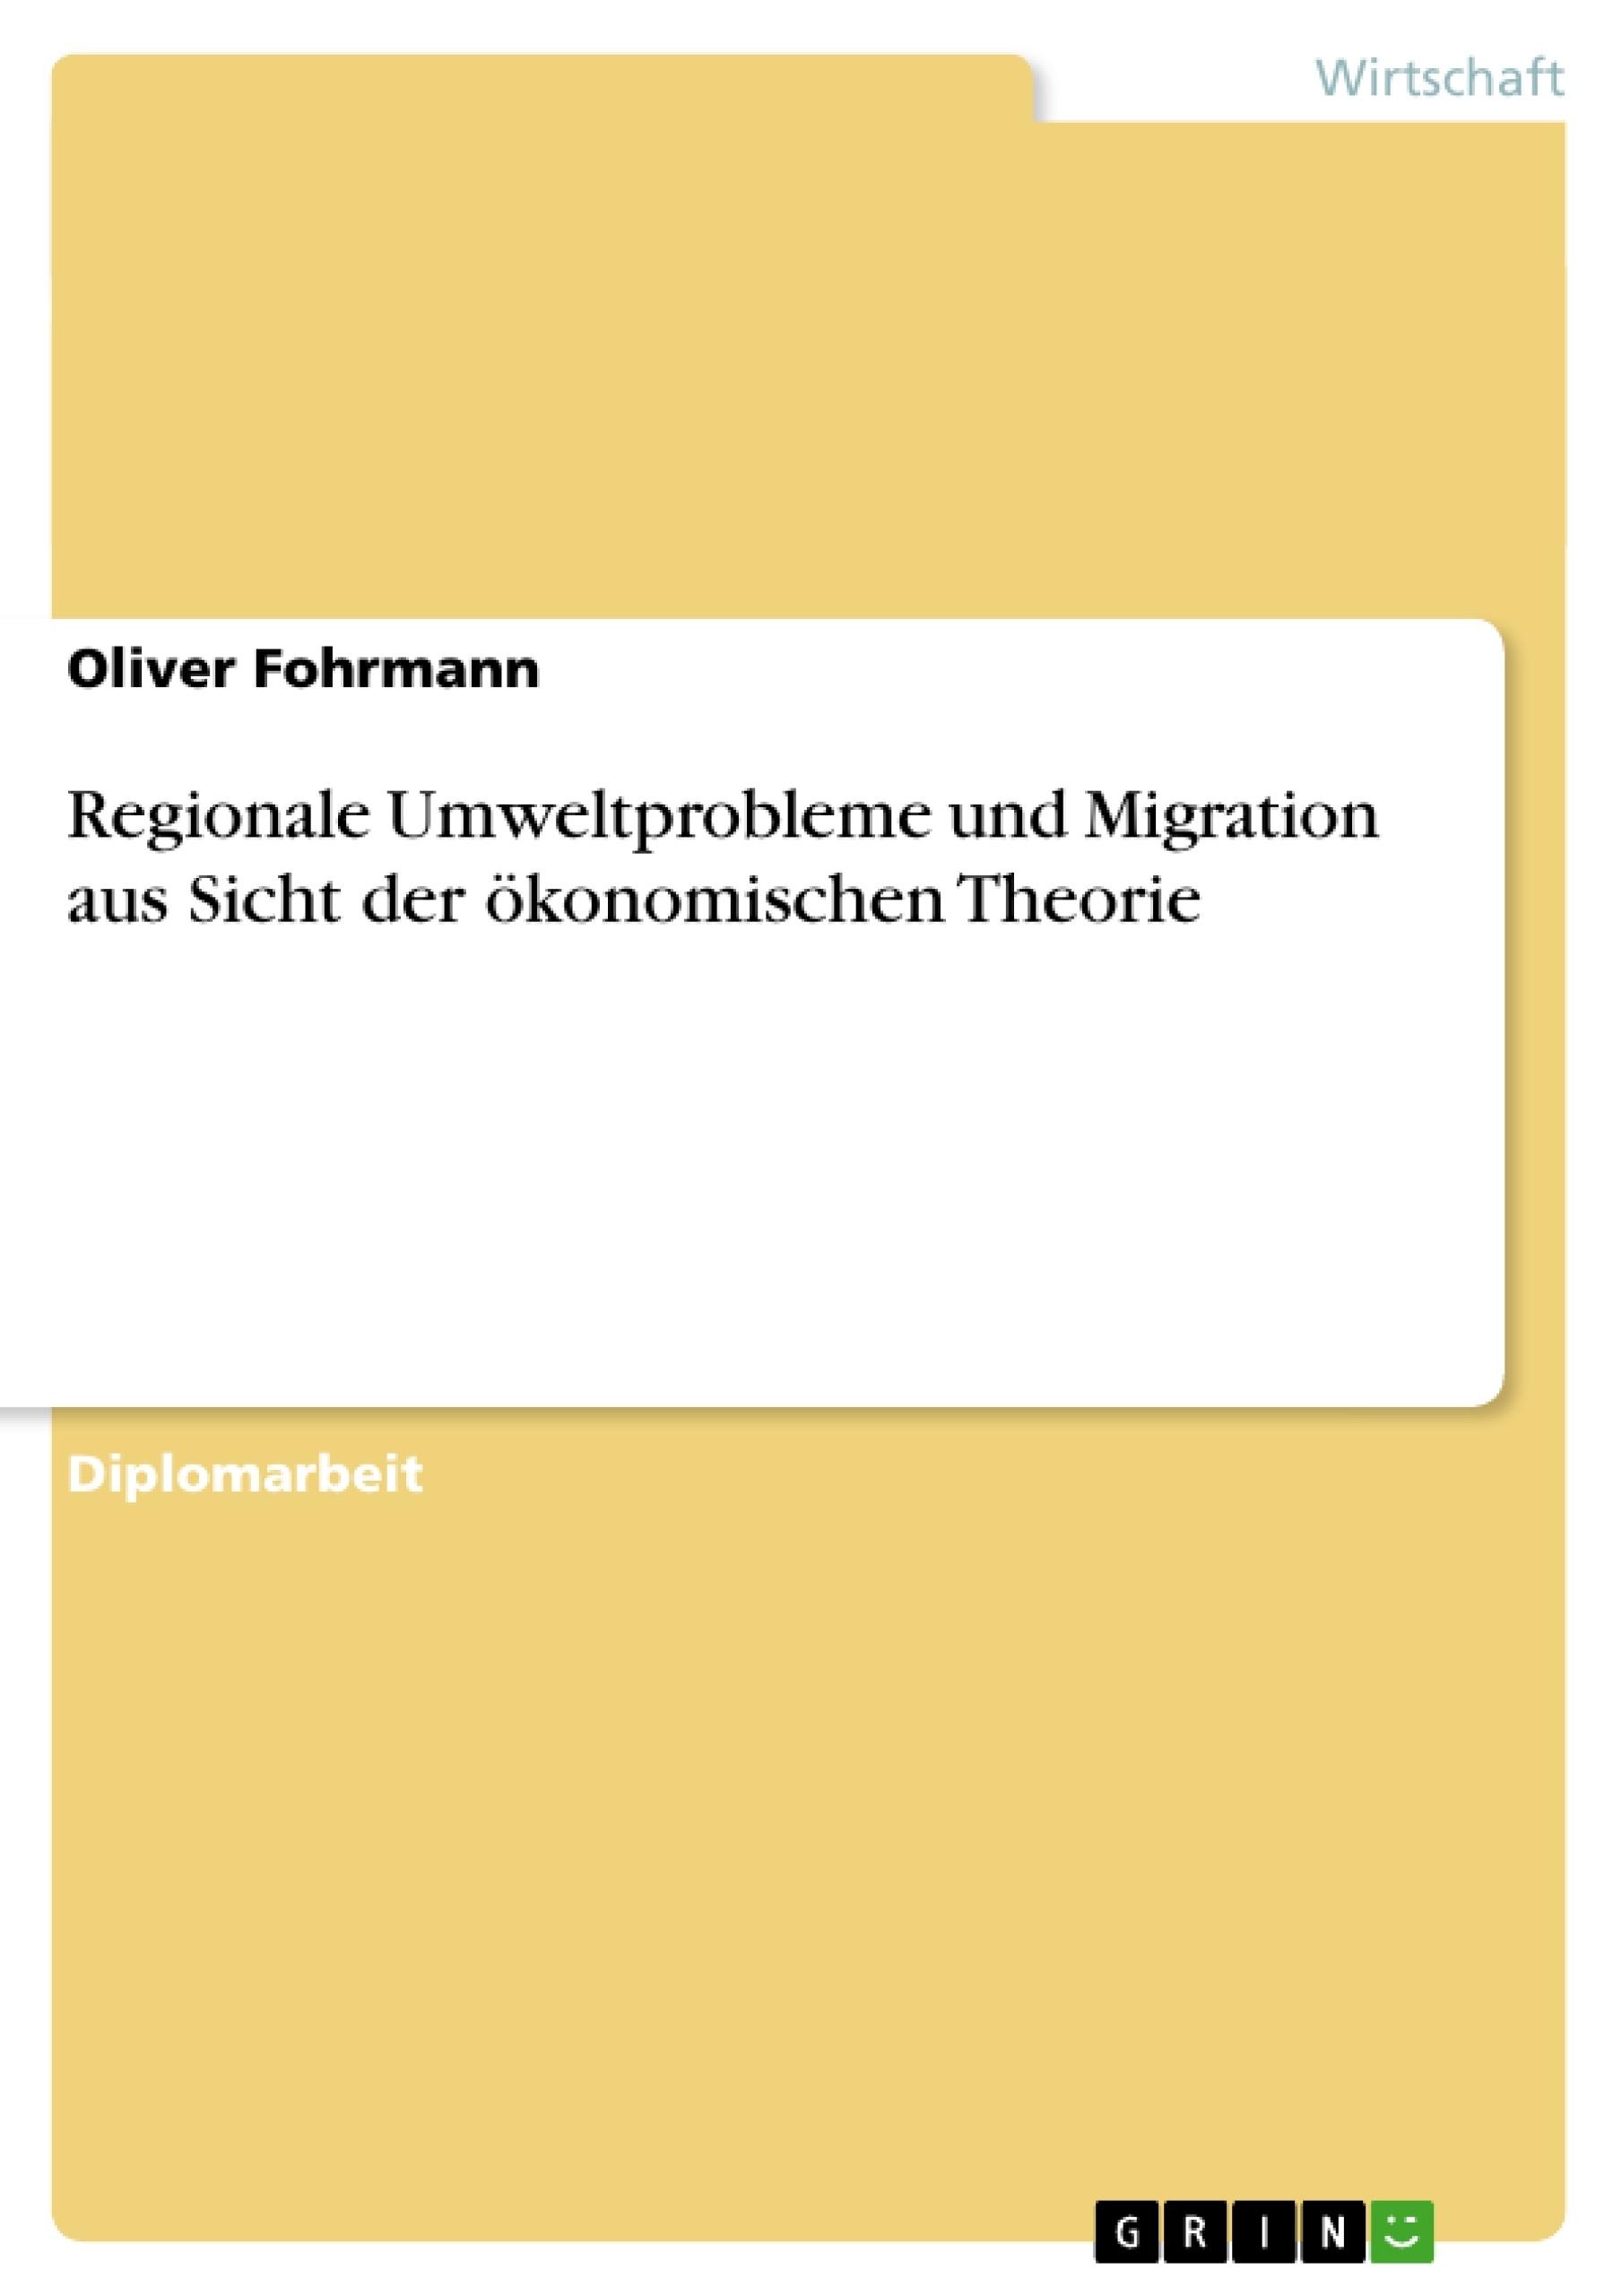 Titel: Regionale Umweltprobleme und Migration aus Sicht der ökonomischen Theorie